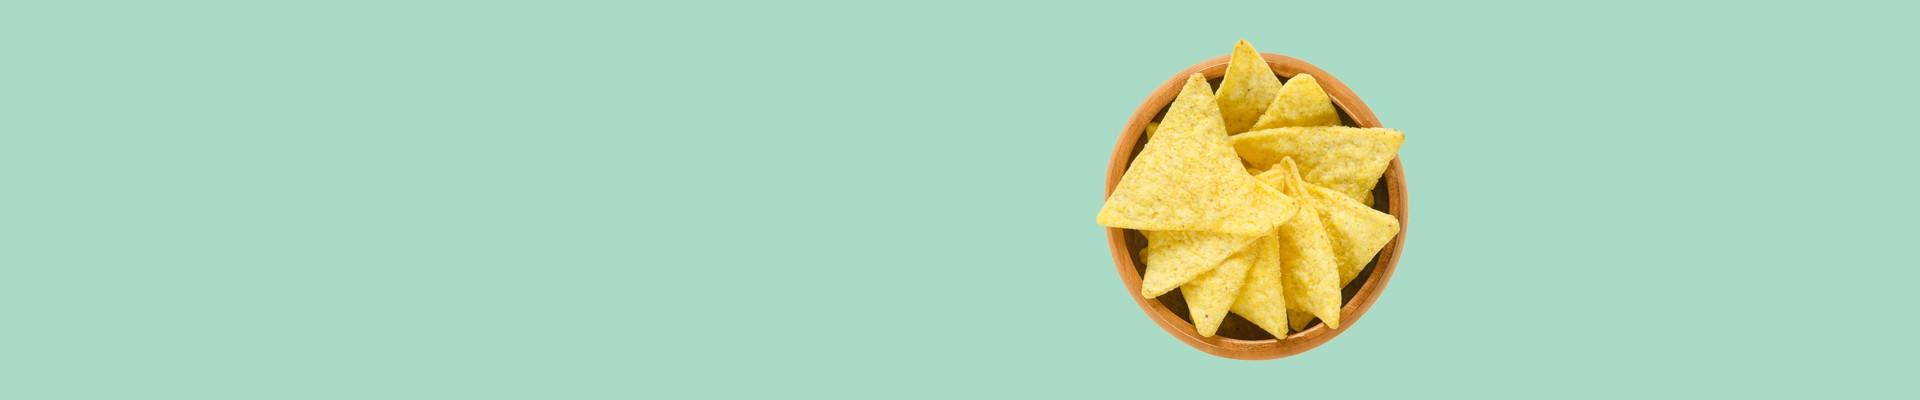 Jual Beli Aneka Makanan Kering Lengkap Murah